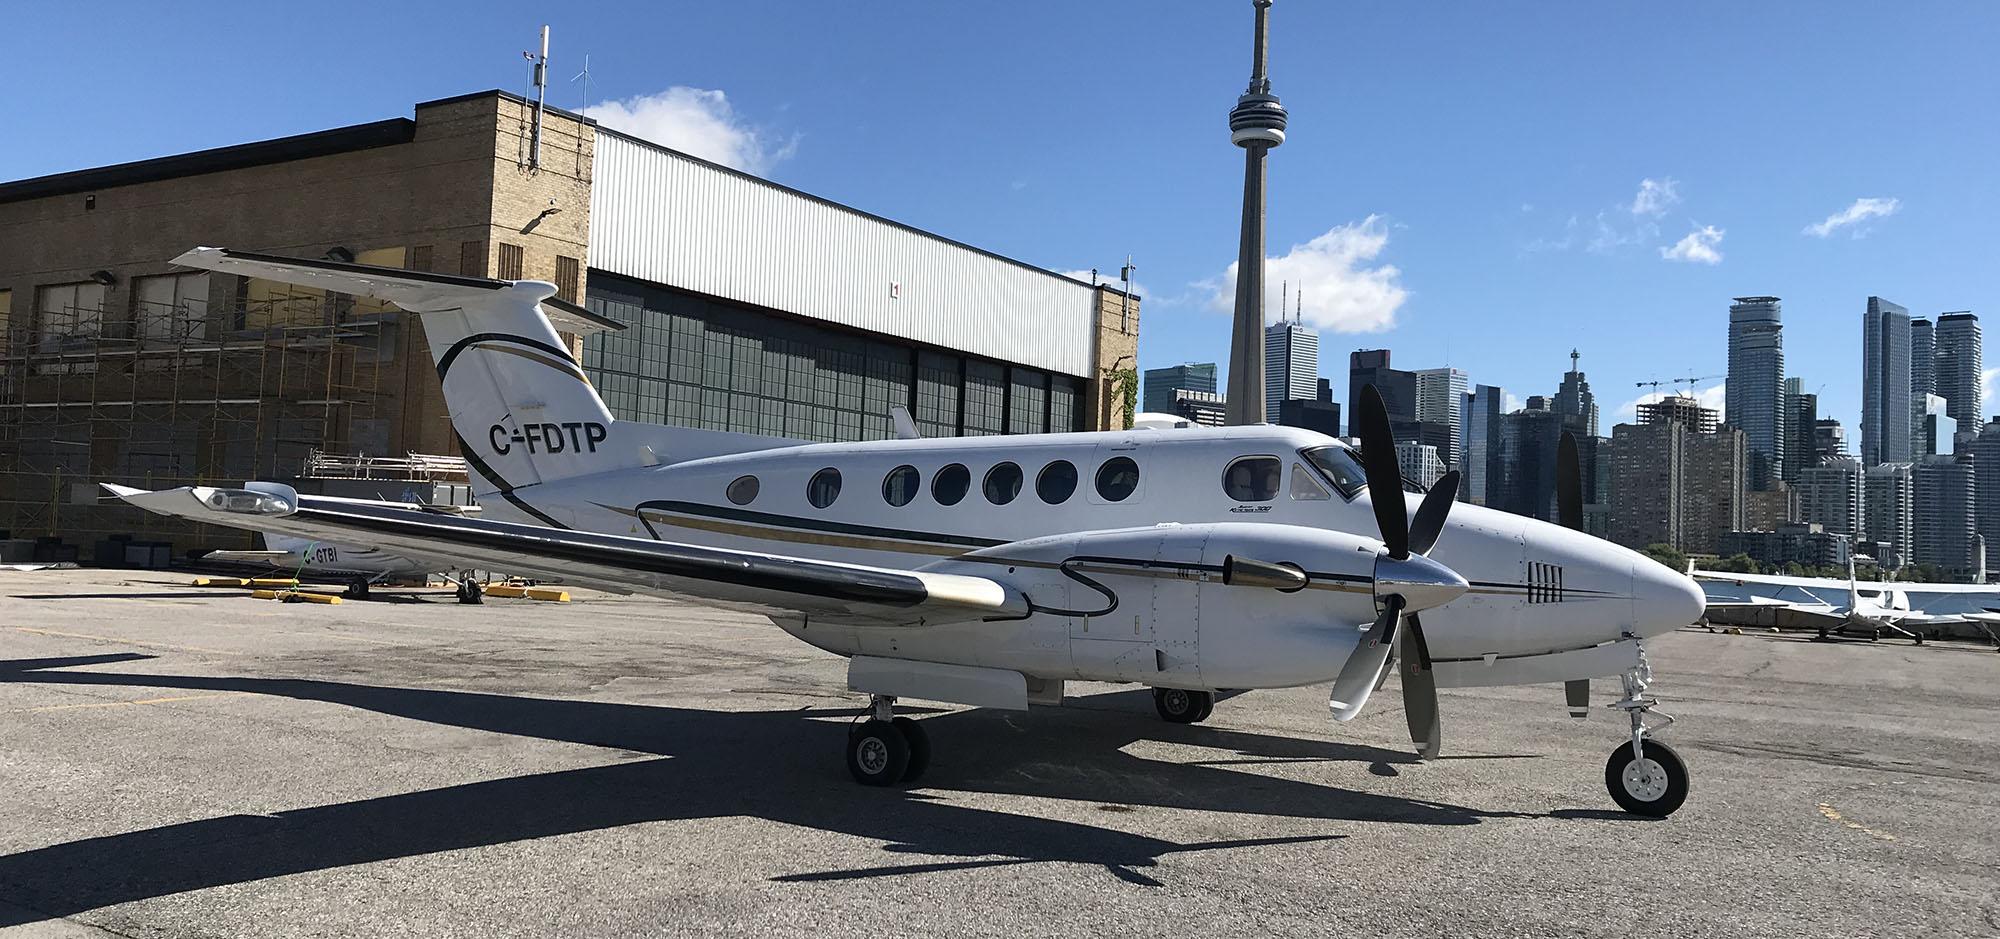 President Air Charter King Air 300